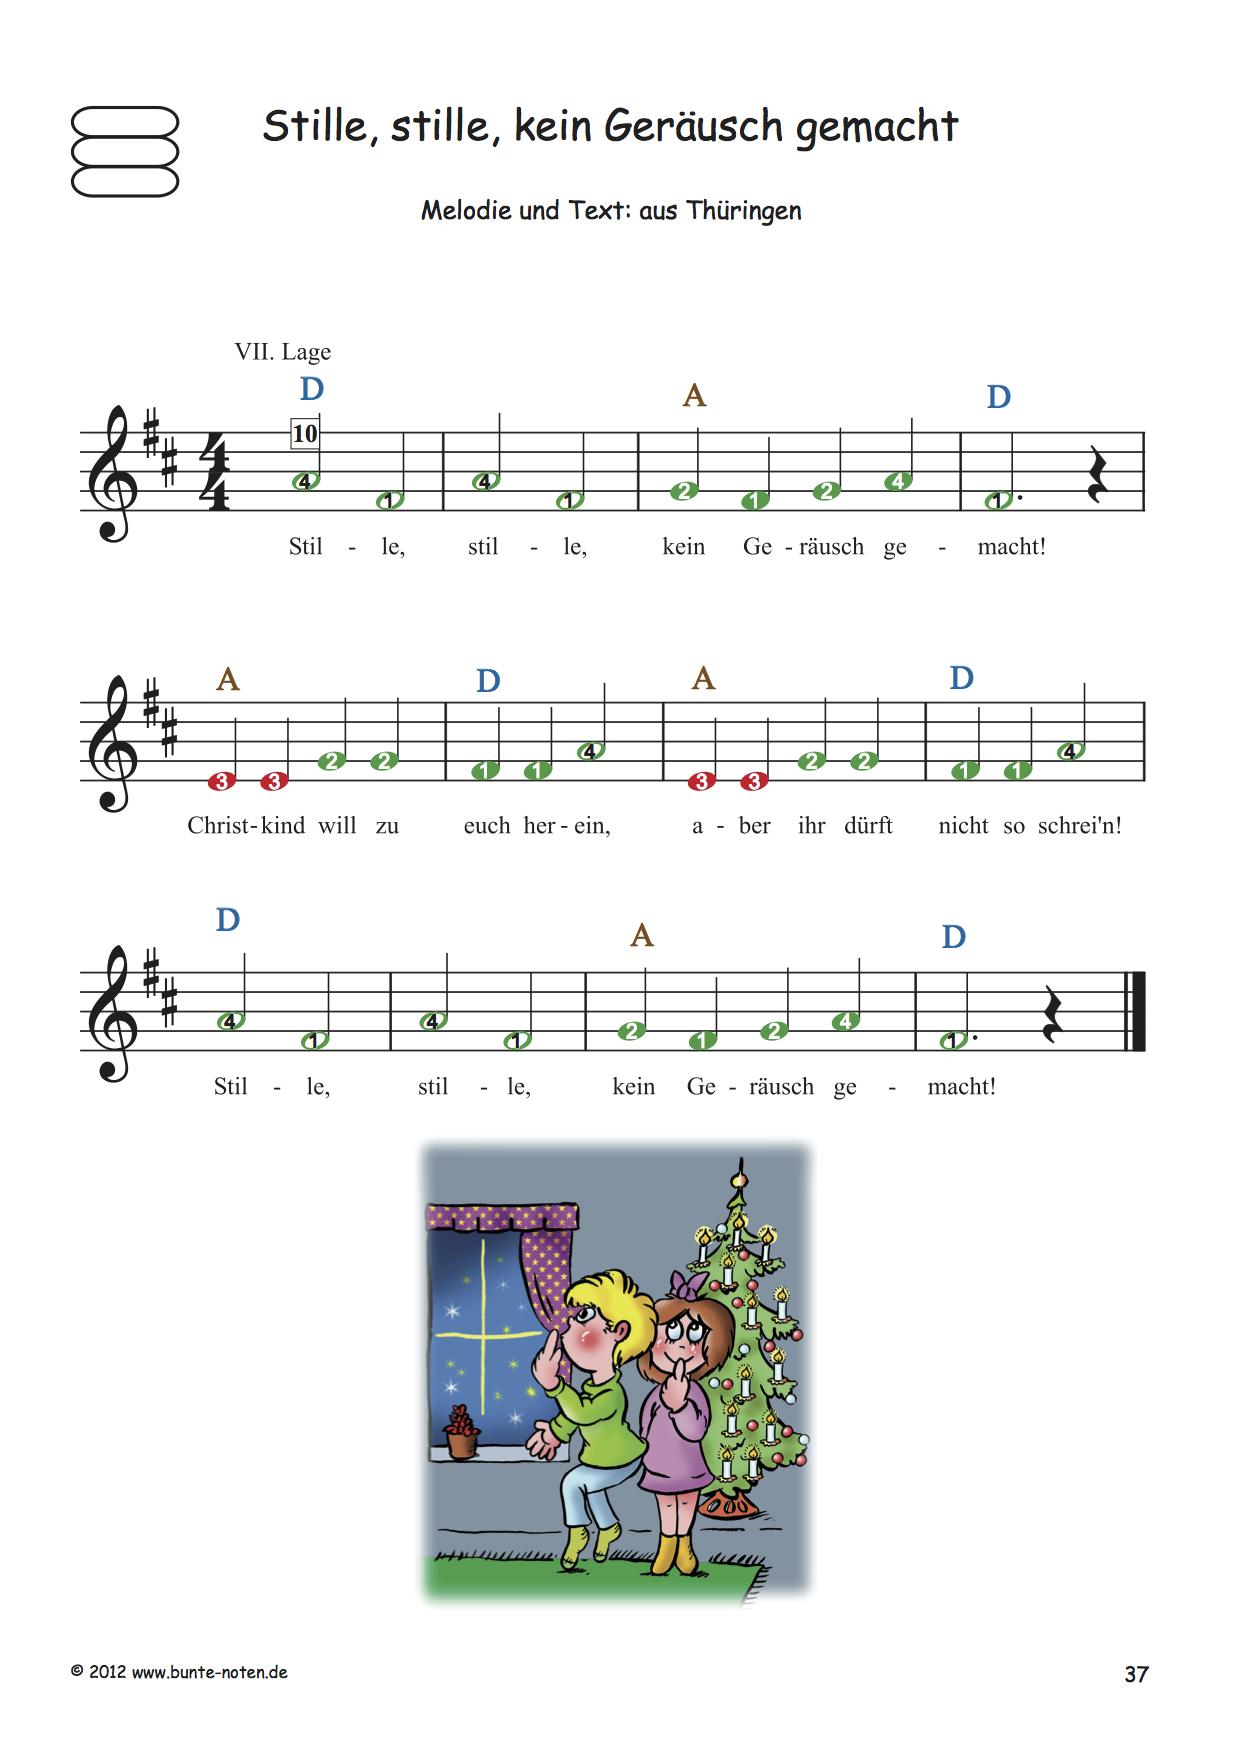 Bekannte Weihnachtslieder Kinder.Bekannte Weihnachtslieder